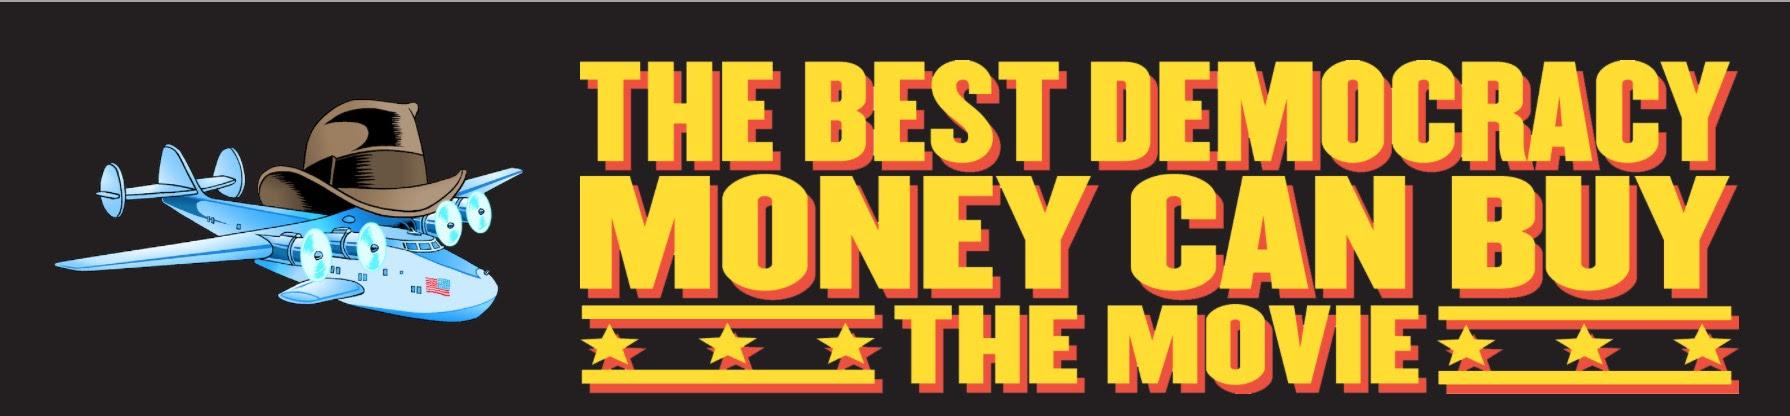 the-best-democracy-banner